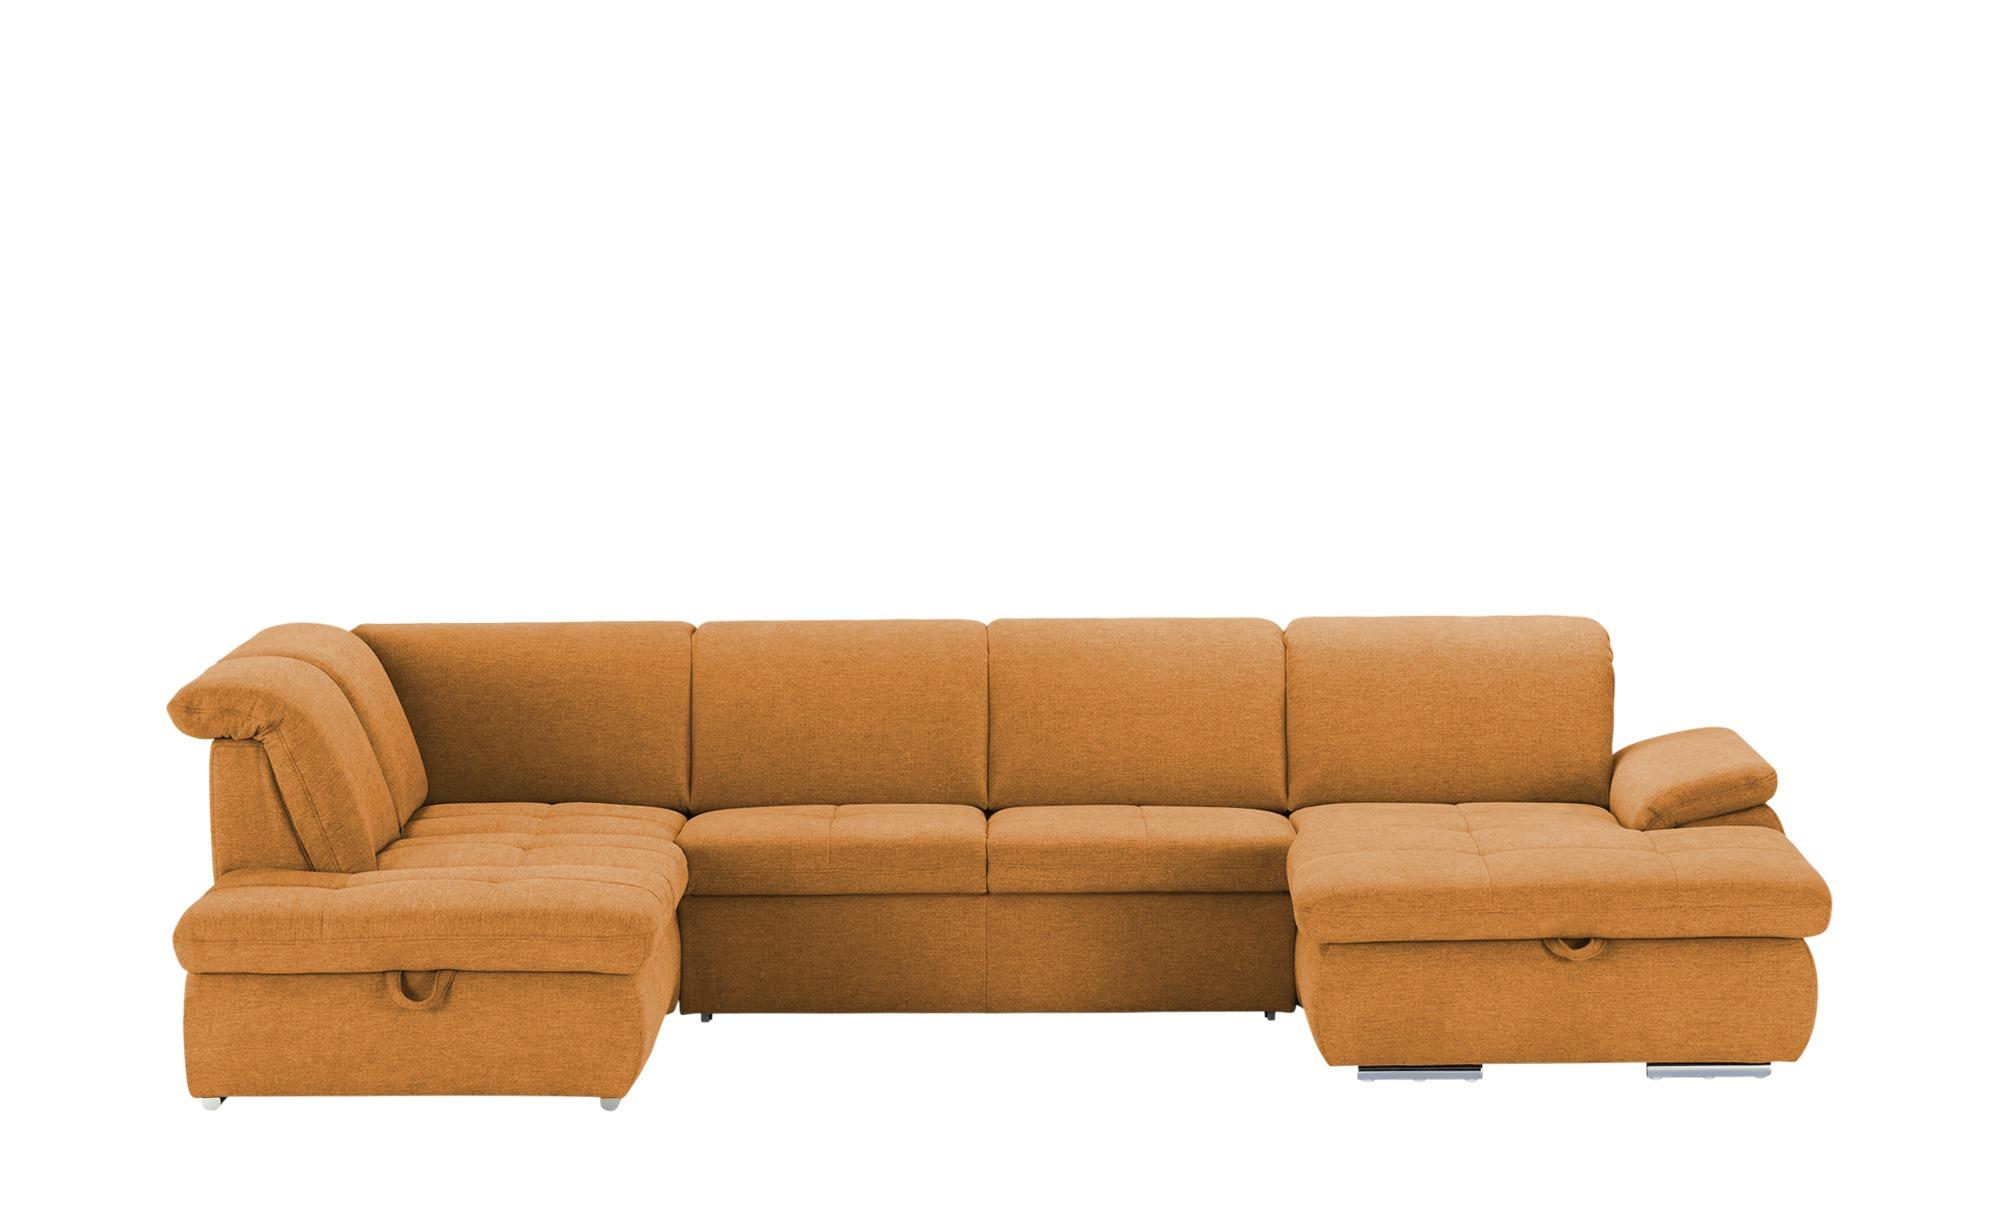 Wohnlandschaft  Bridget ¦ orange ¦ Maße (cm): H: 83 Polstermöbel > Sofas > Schlafsofas - Höffner